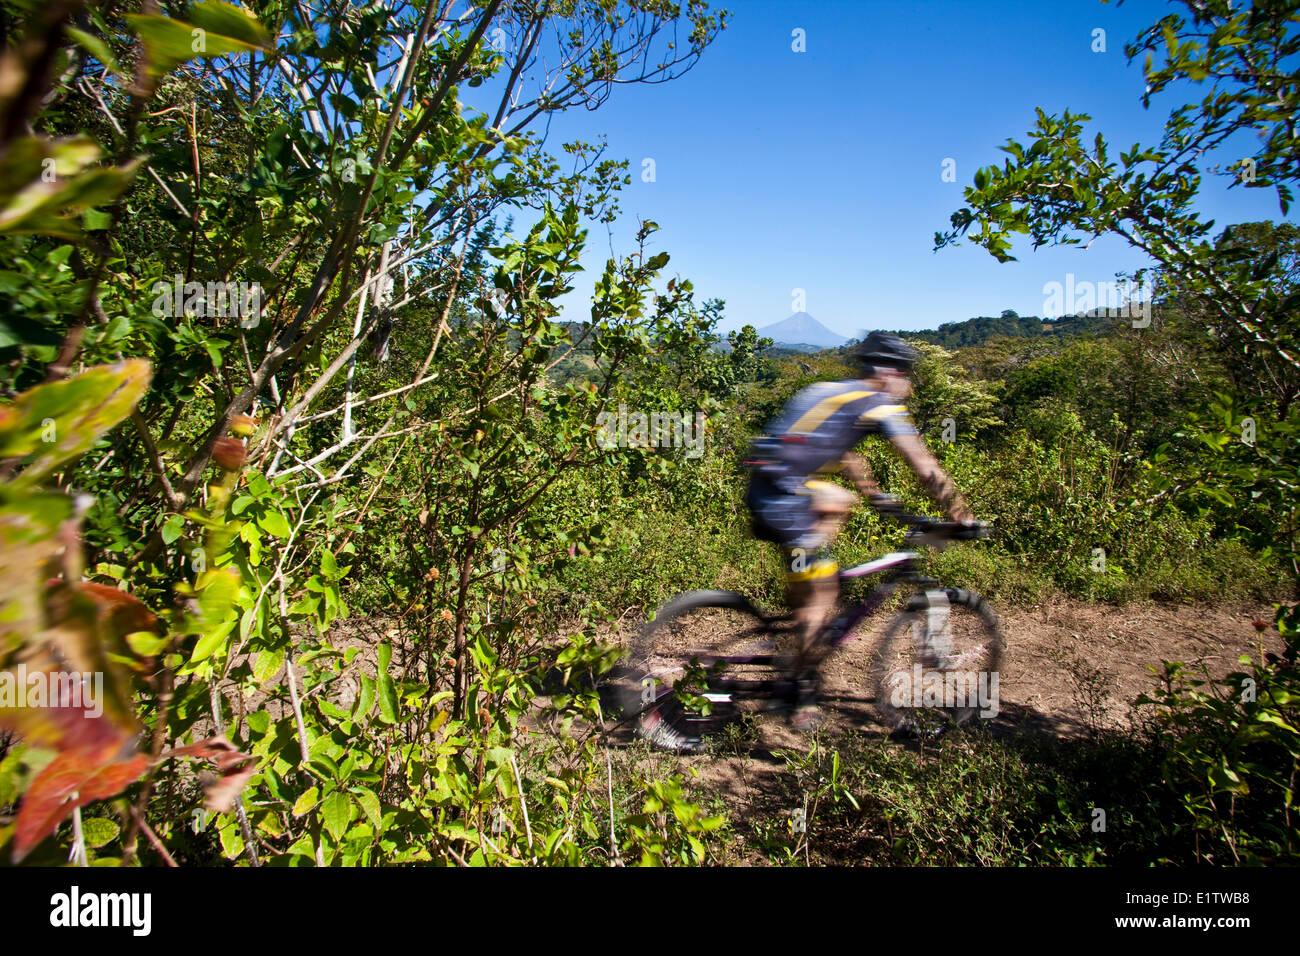 San Juan Howler Mtn Bike Race, San Juan del Sur, Nicaragua - Stock Image